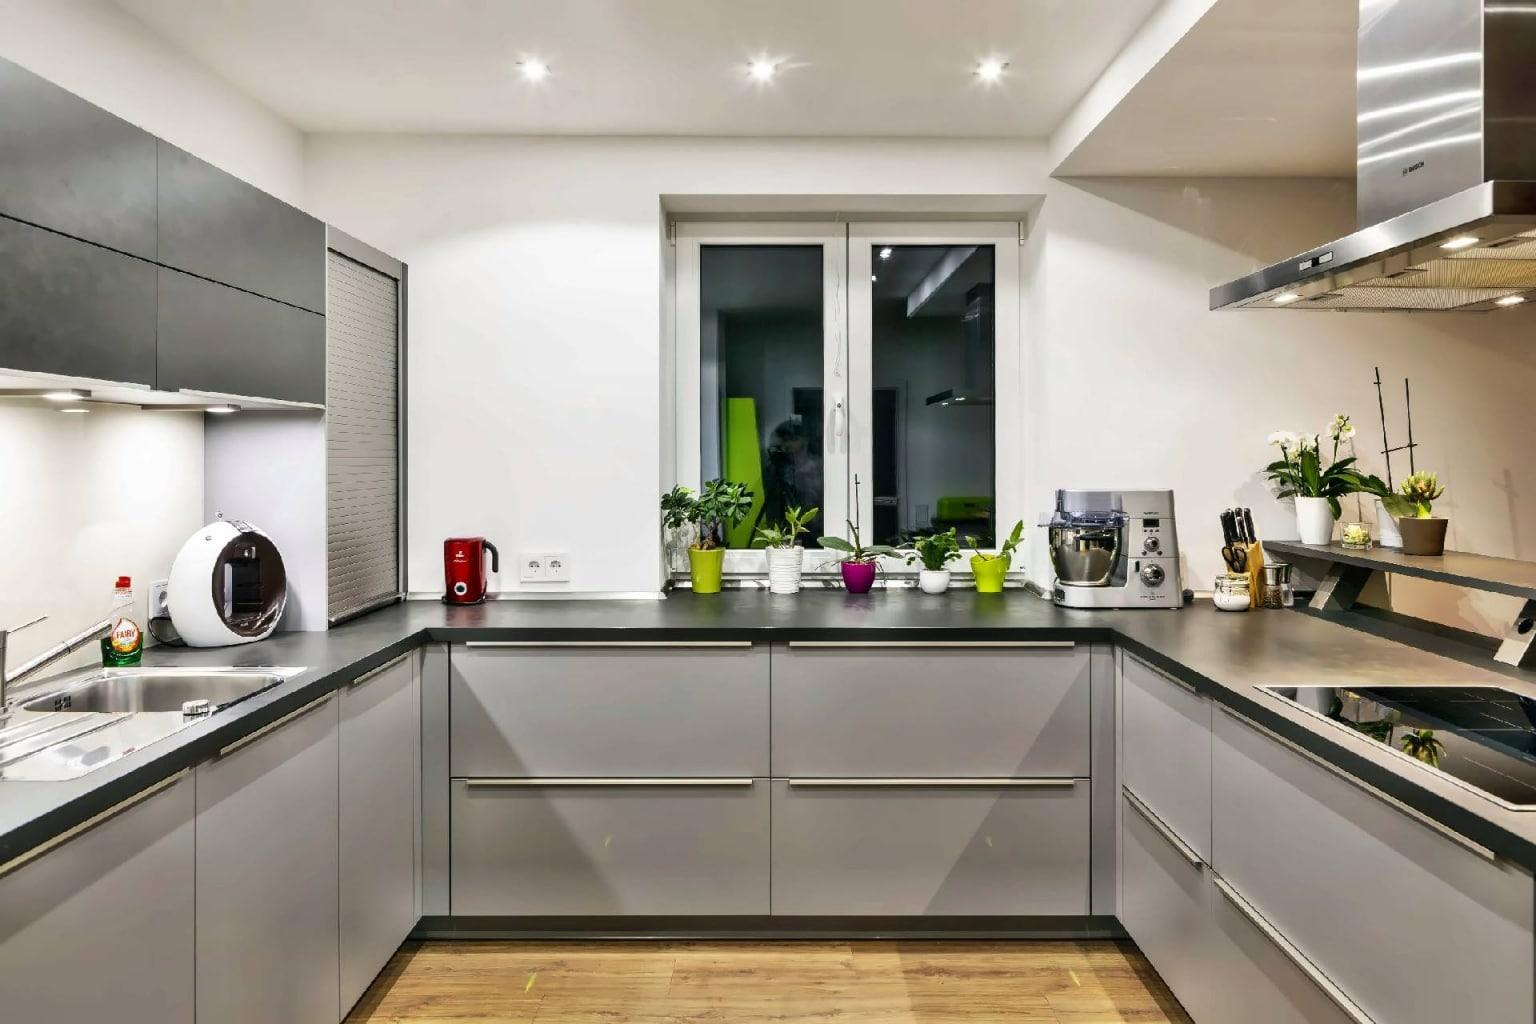 U-förmige Küche offen zum Wohnraum (6)